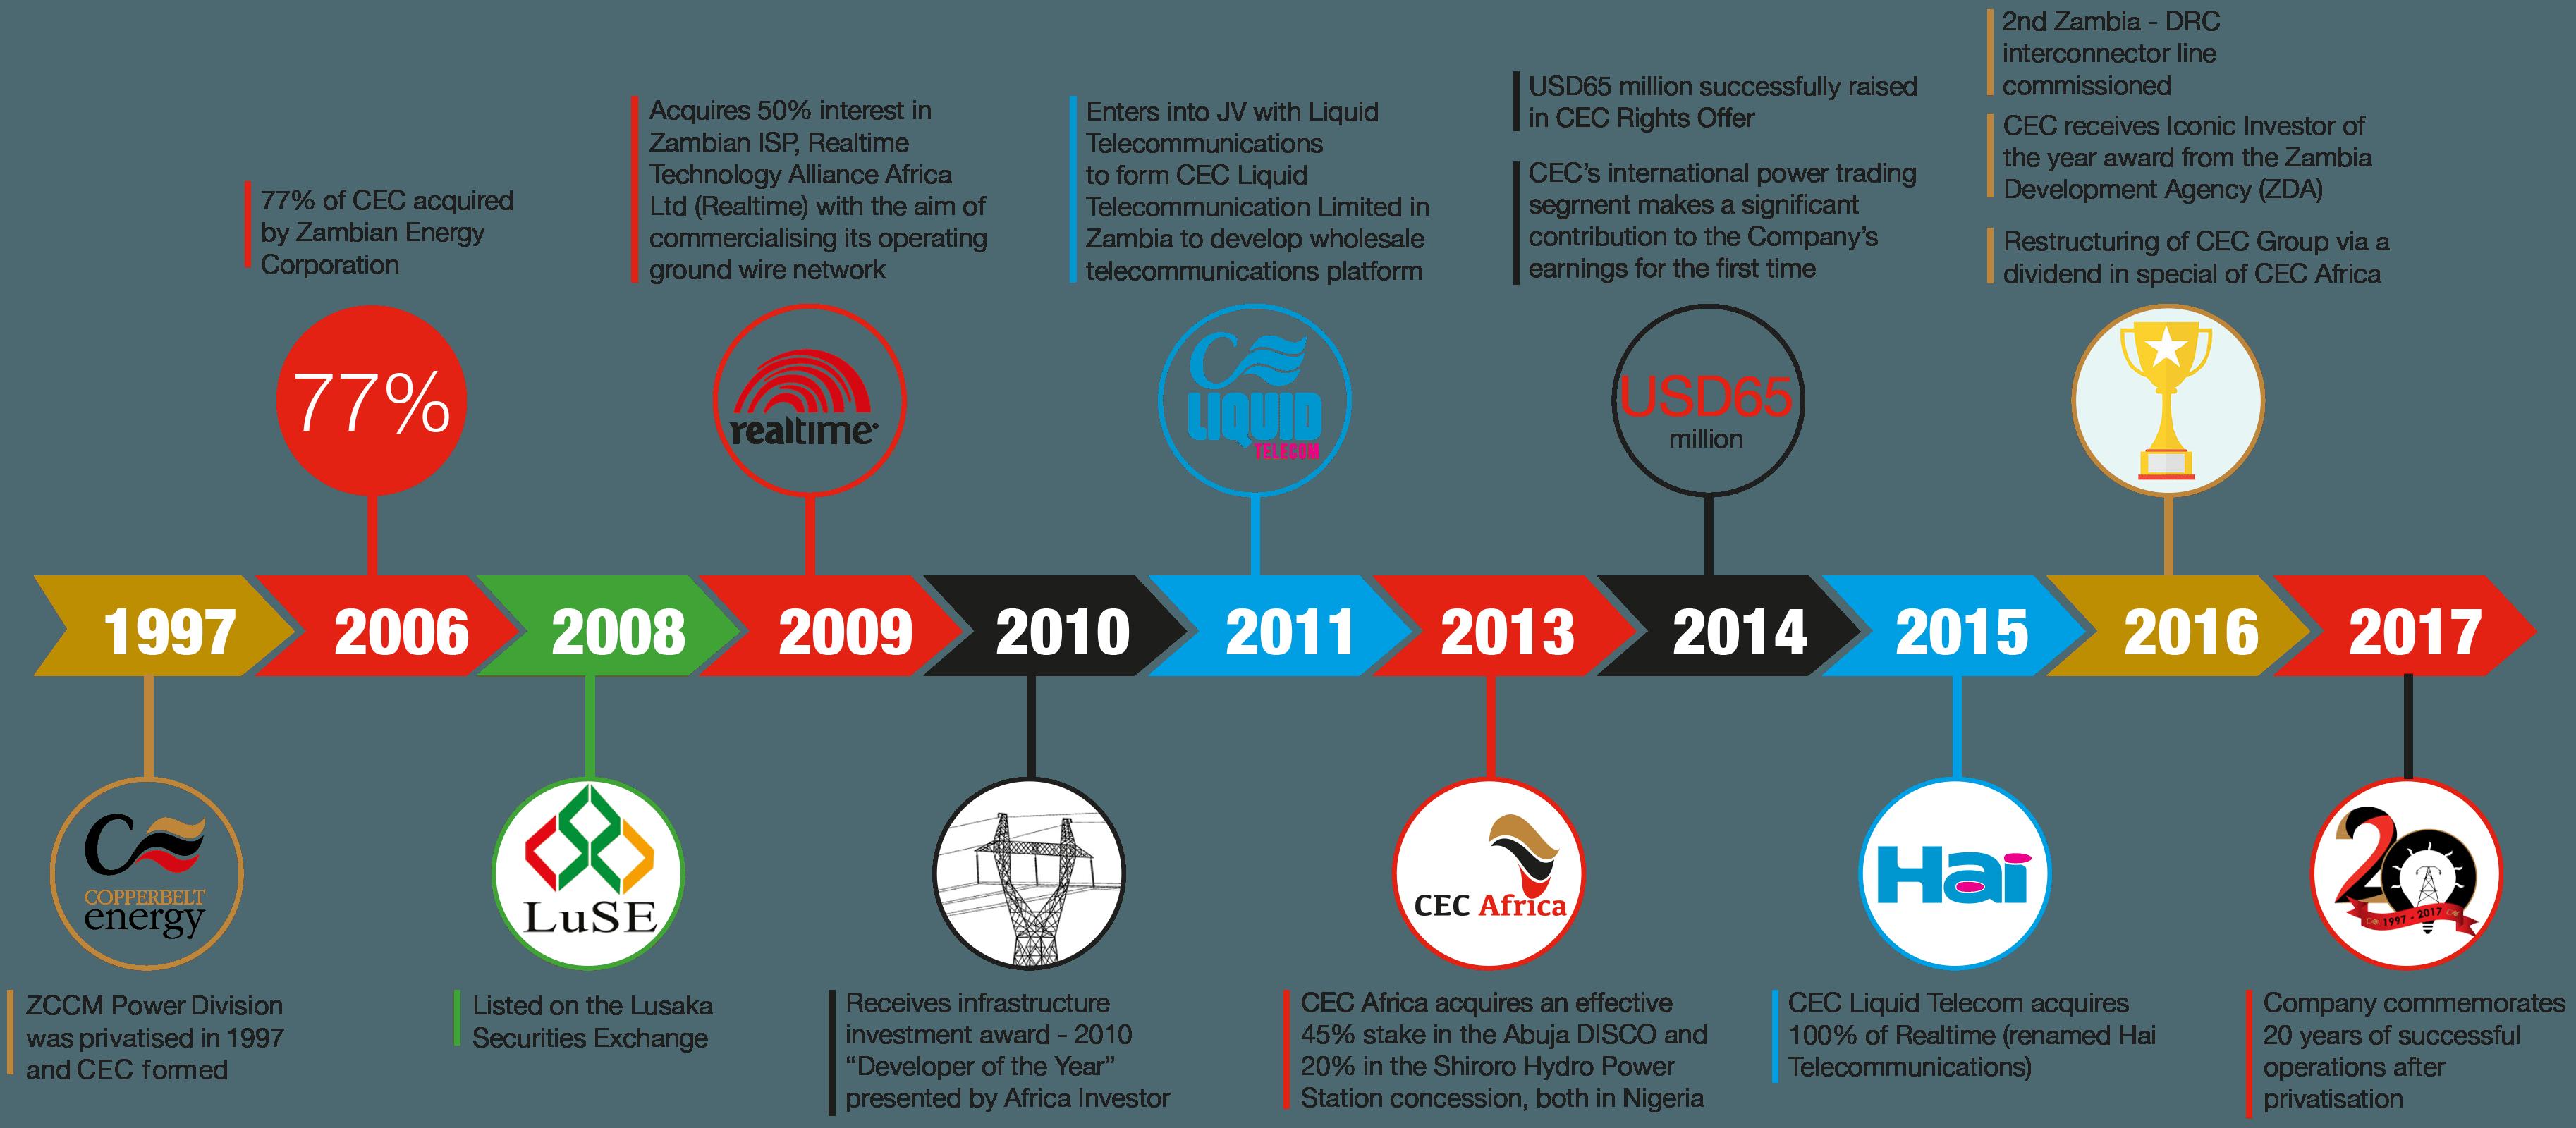 CEC timeline